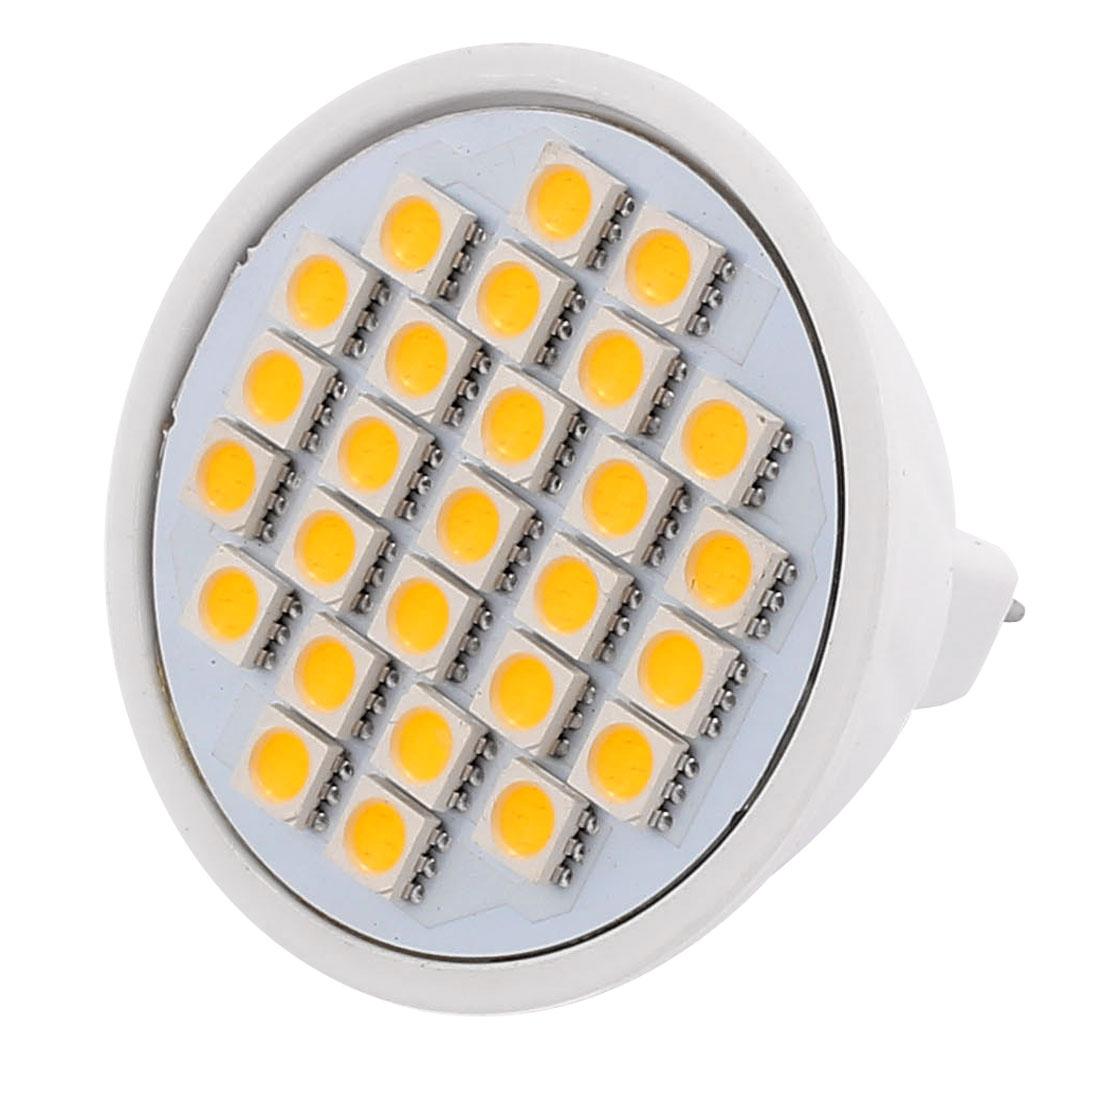 220V-240V 5W MR16 5050 SMD 27 LEDs LED Bulb Light Spotlight Lamp Warm White